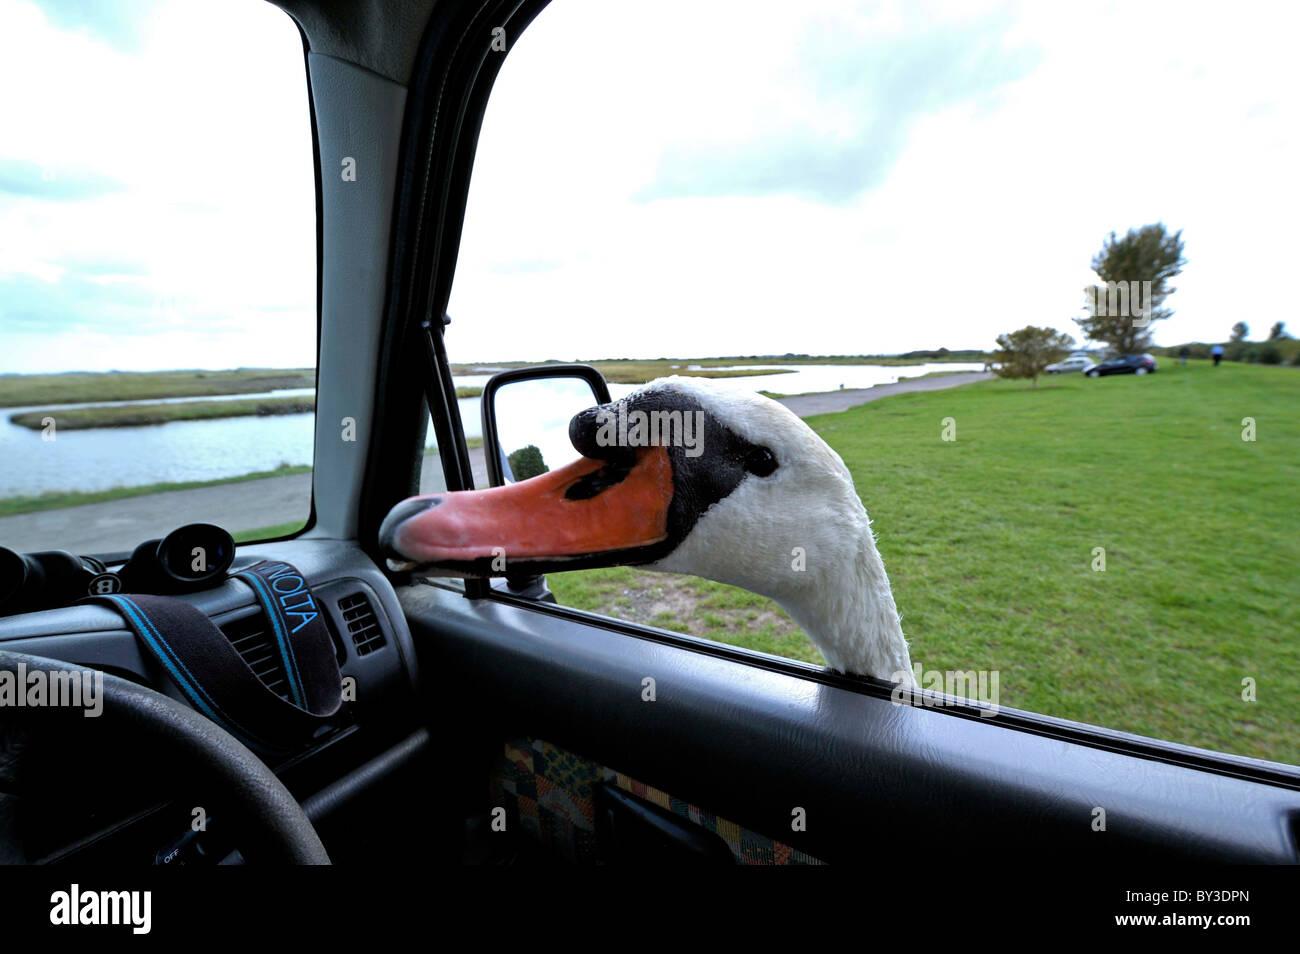 Très sympa Le Cygne tuberculé (Cygnus olor) se moque de la tête à la fenêtre de la voiture Photo Stock